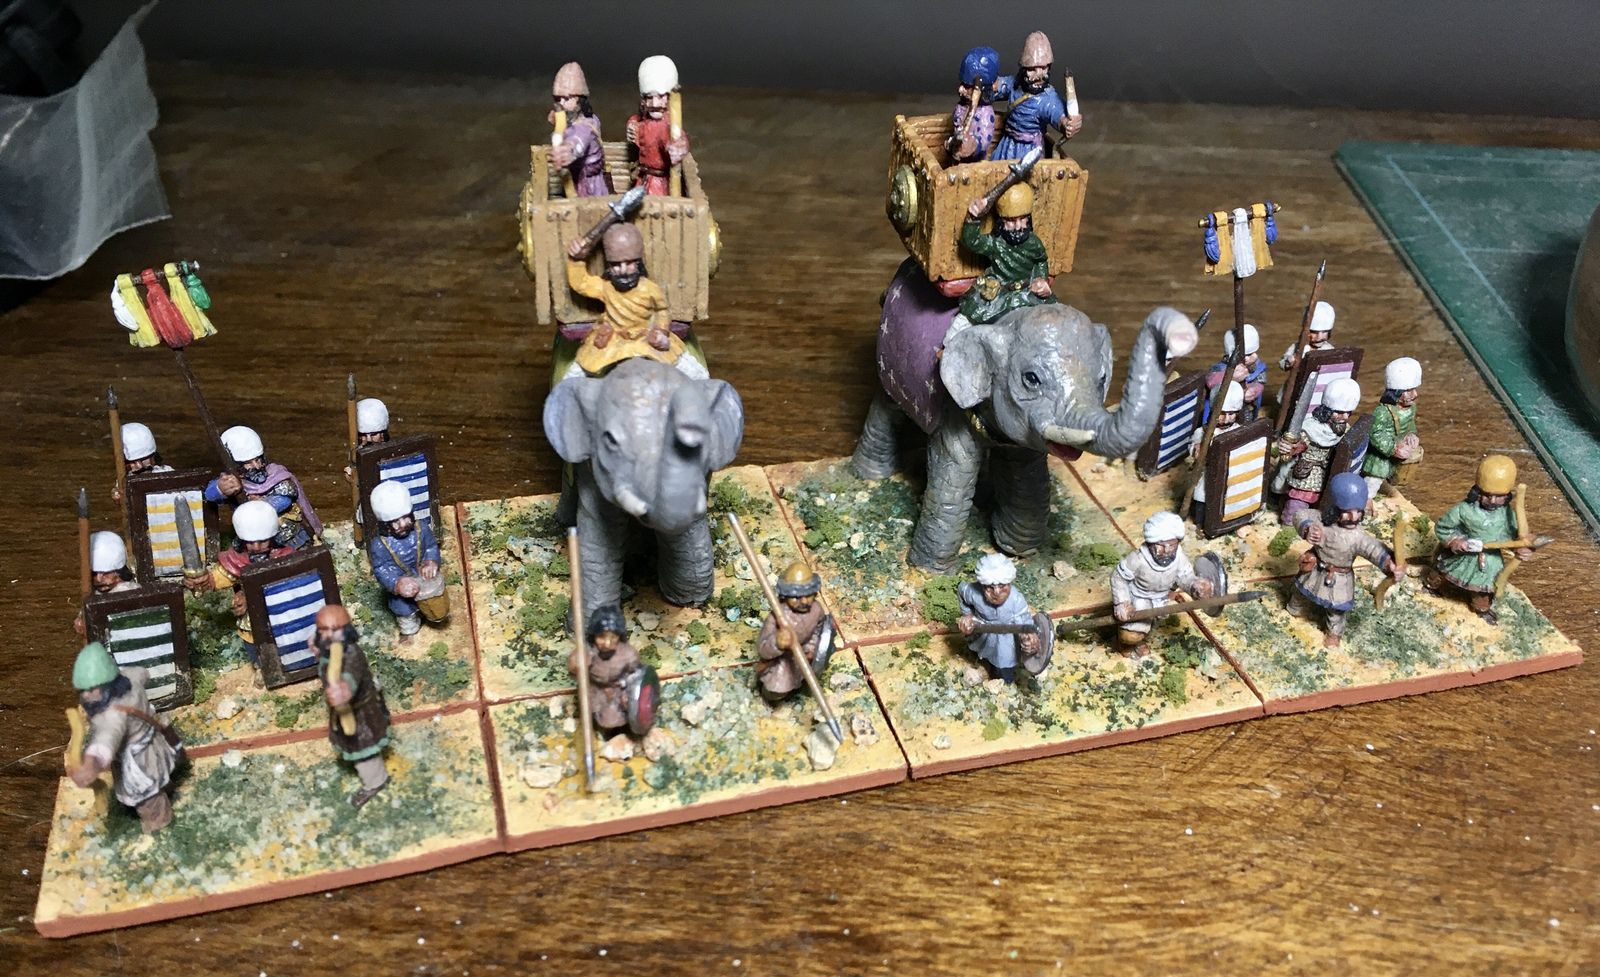 Les figurines sont des Legio Heroica